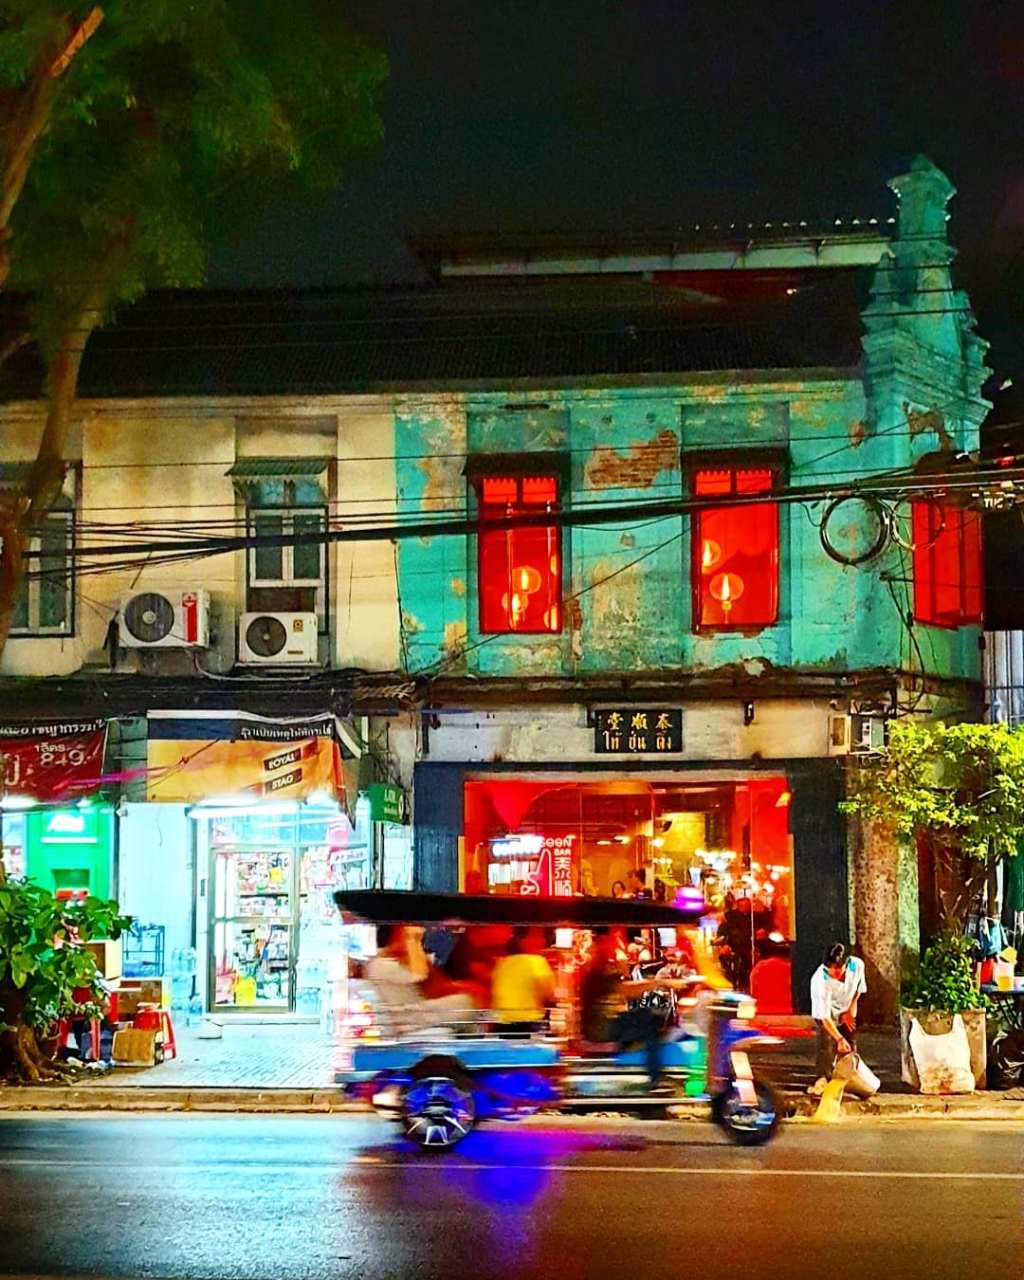 Een tuk tuk in Bangkok